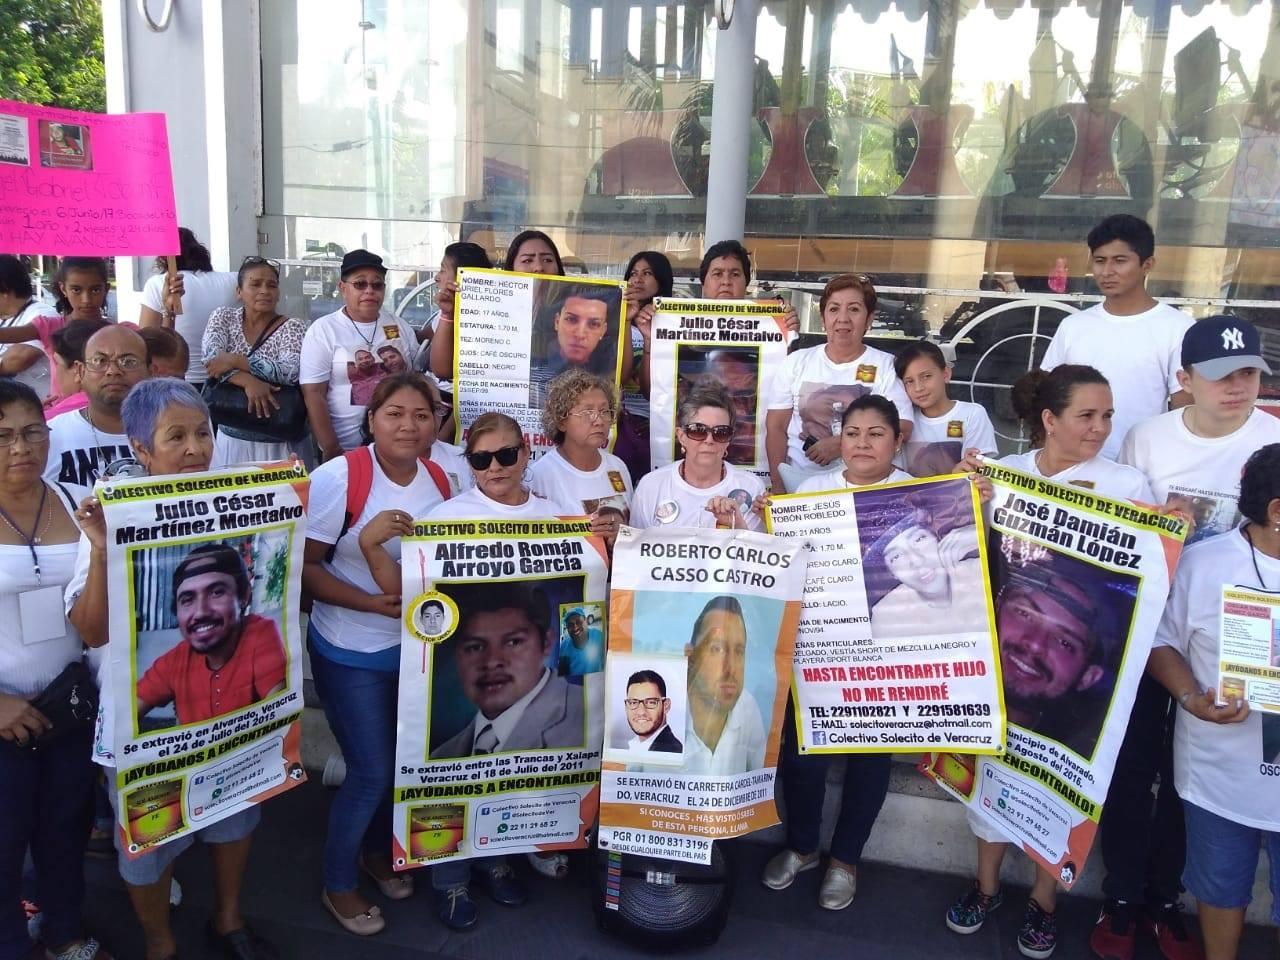 Mal augurio, cancelar foros de paz en Veracruz: Solecito